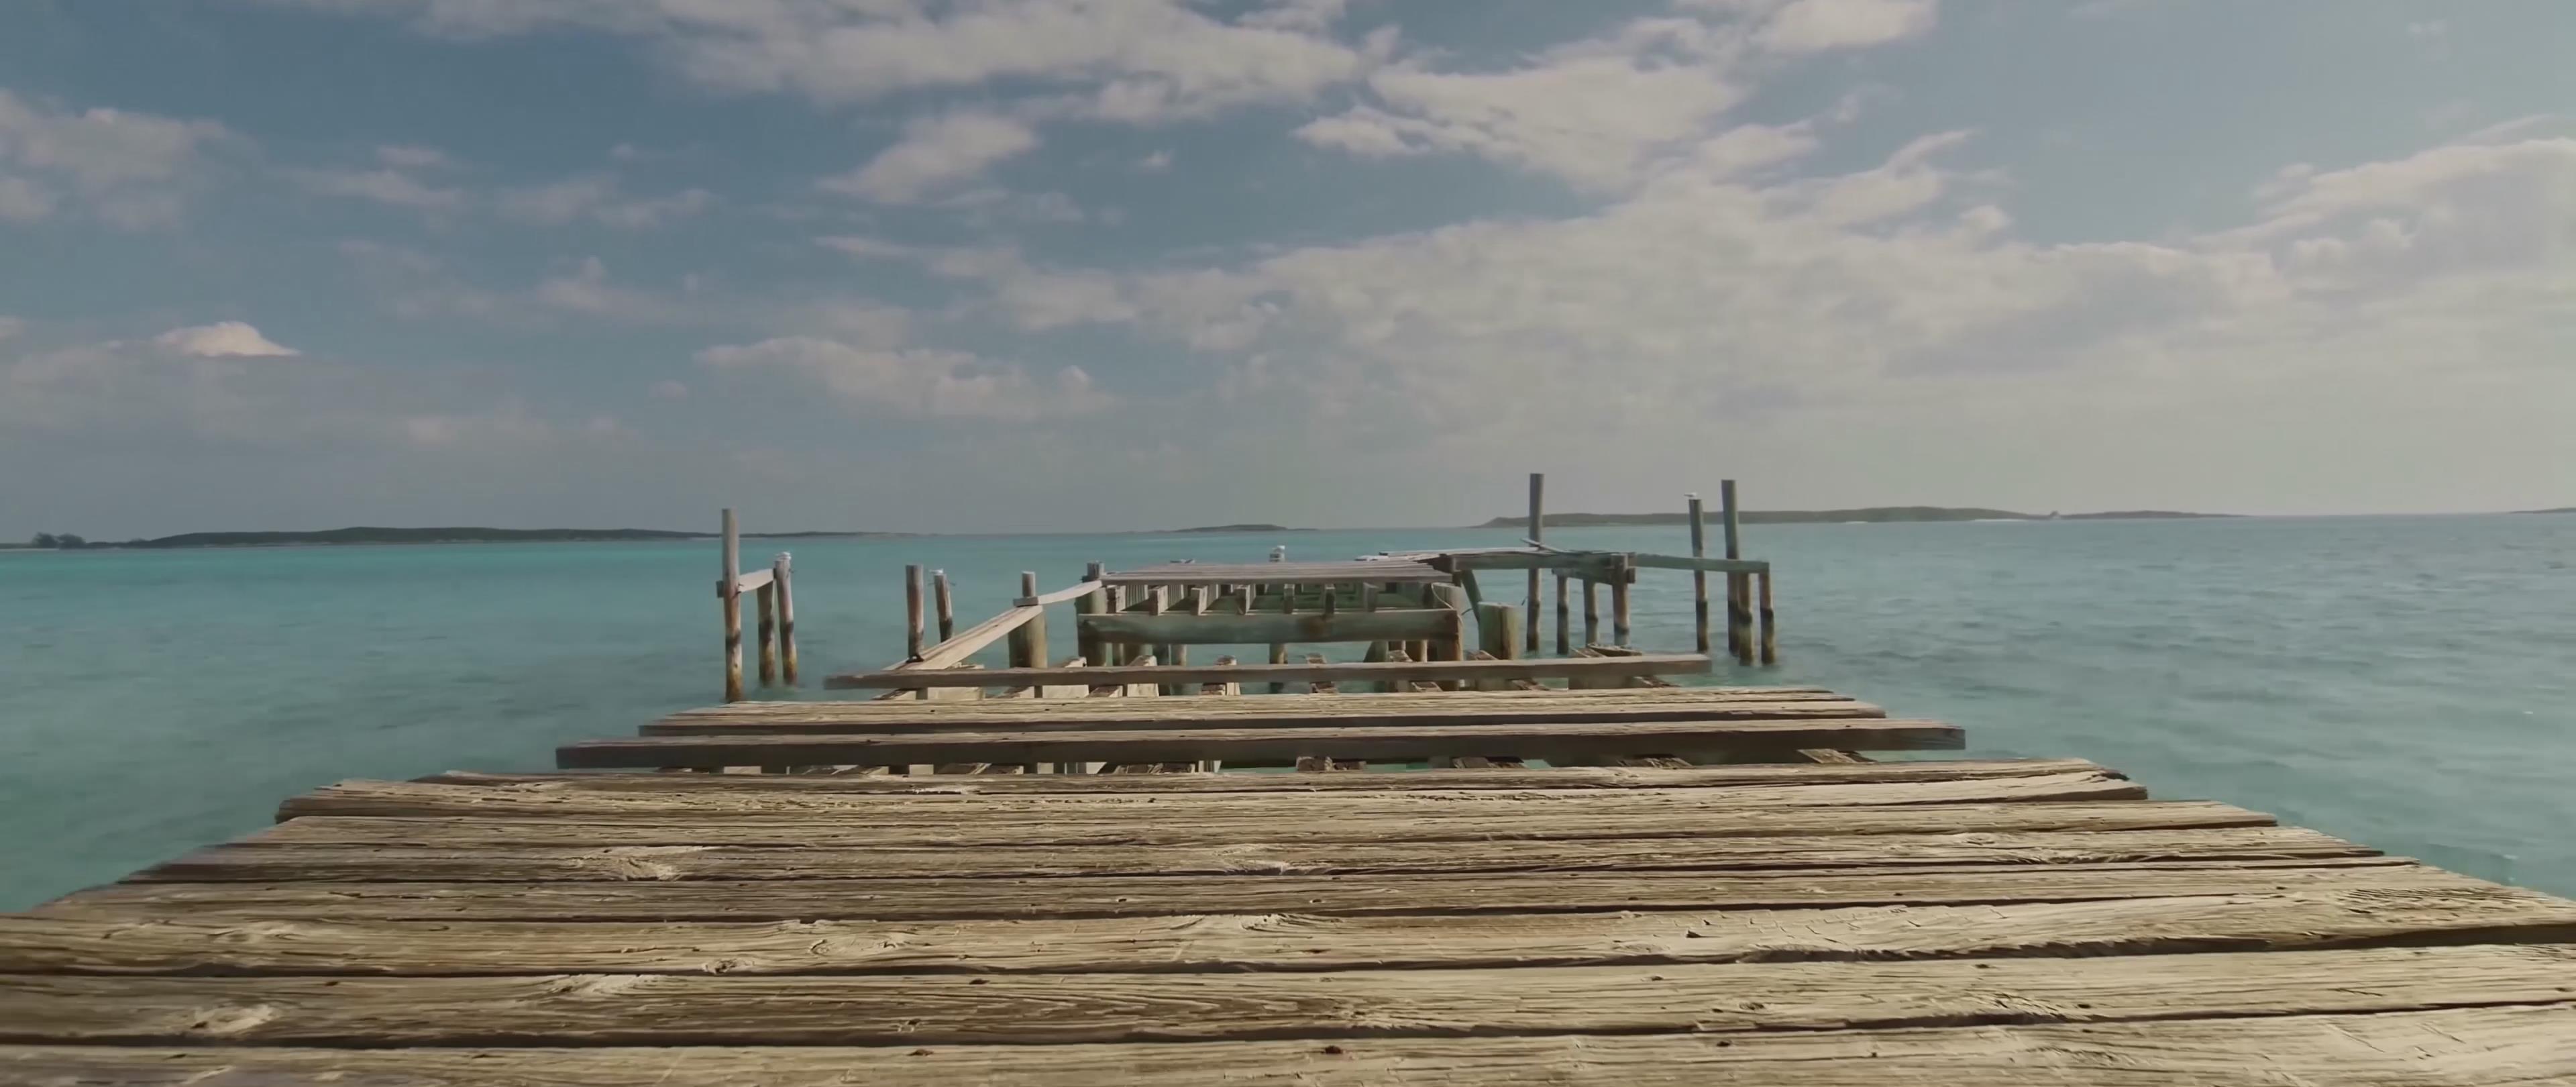 热带 海滩 花 木桥 港口 蜥蜴 岛 椰子树 猪 游泳 海鸥 船 鹤 延时 4k